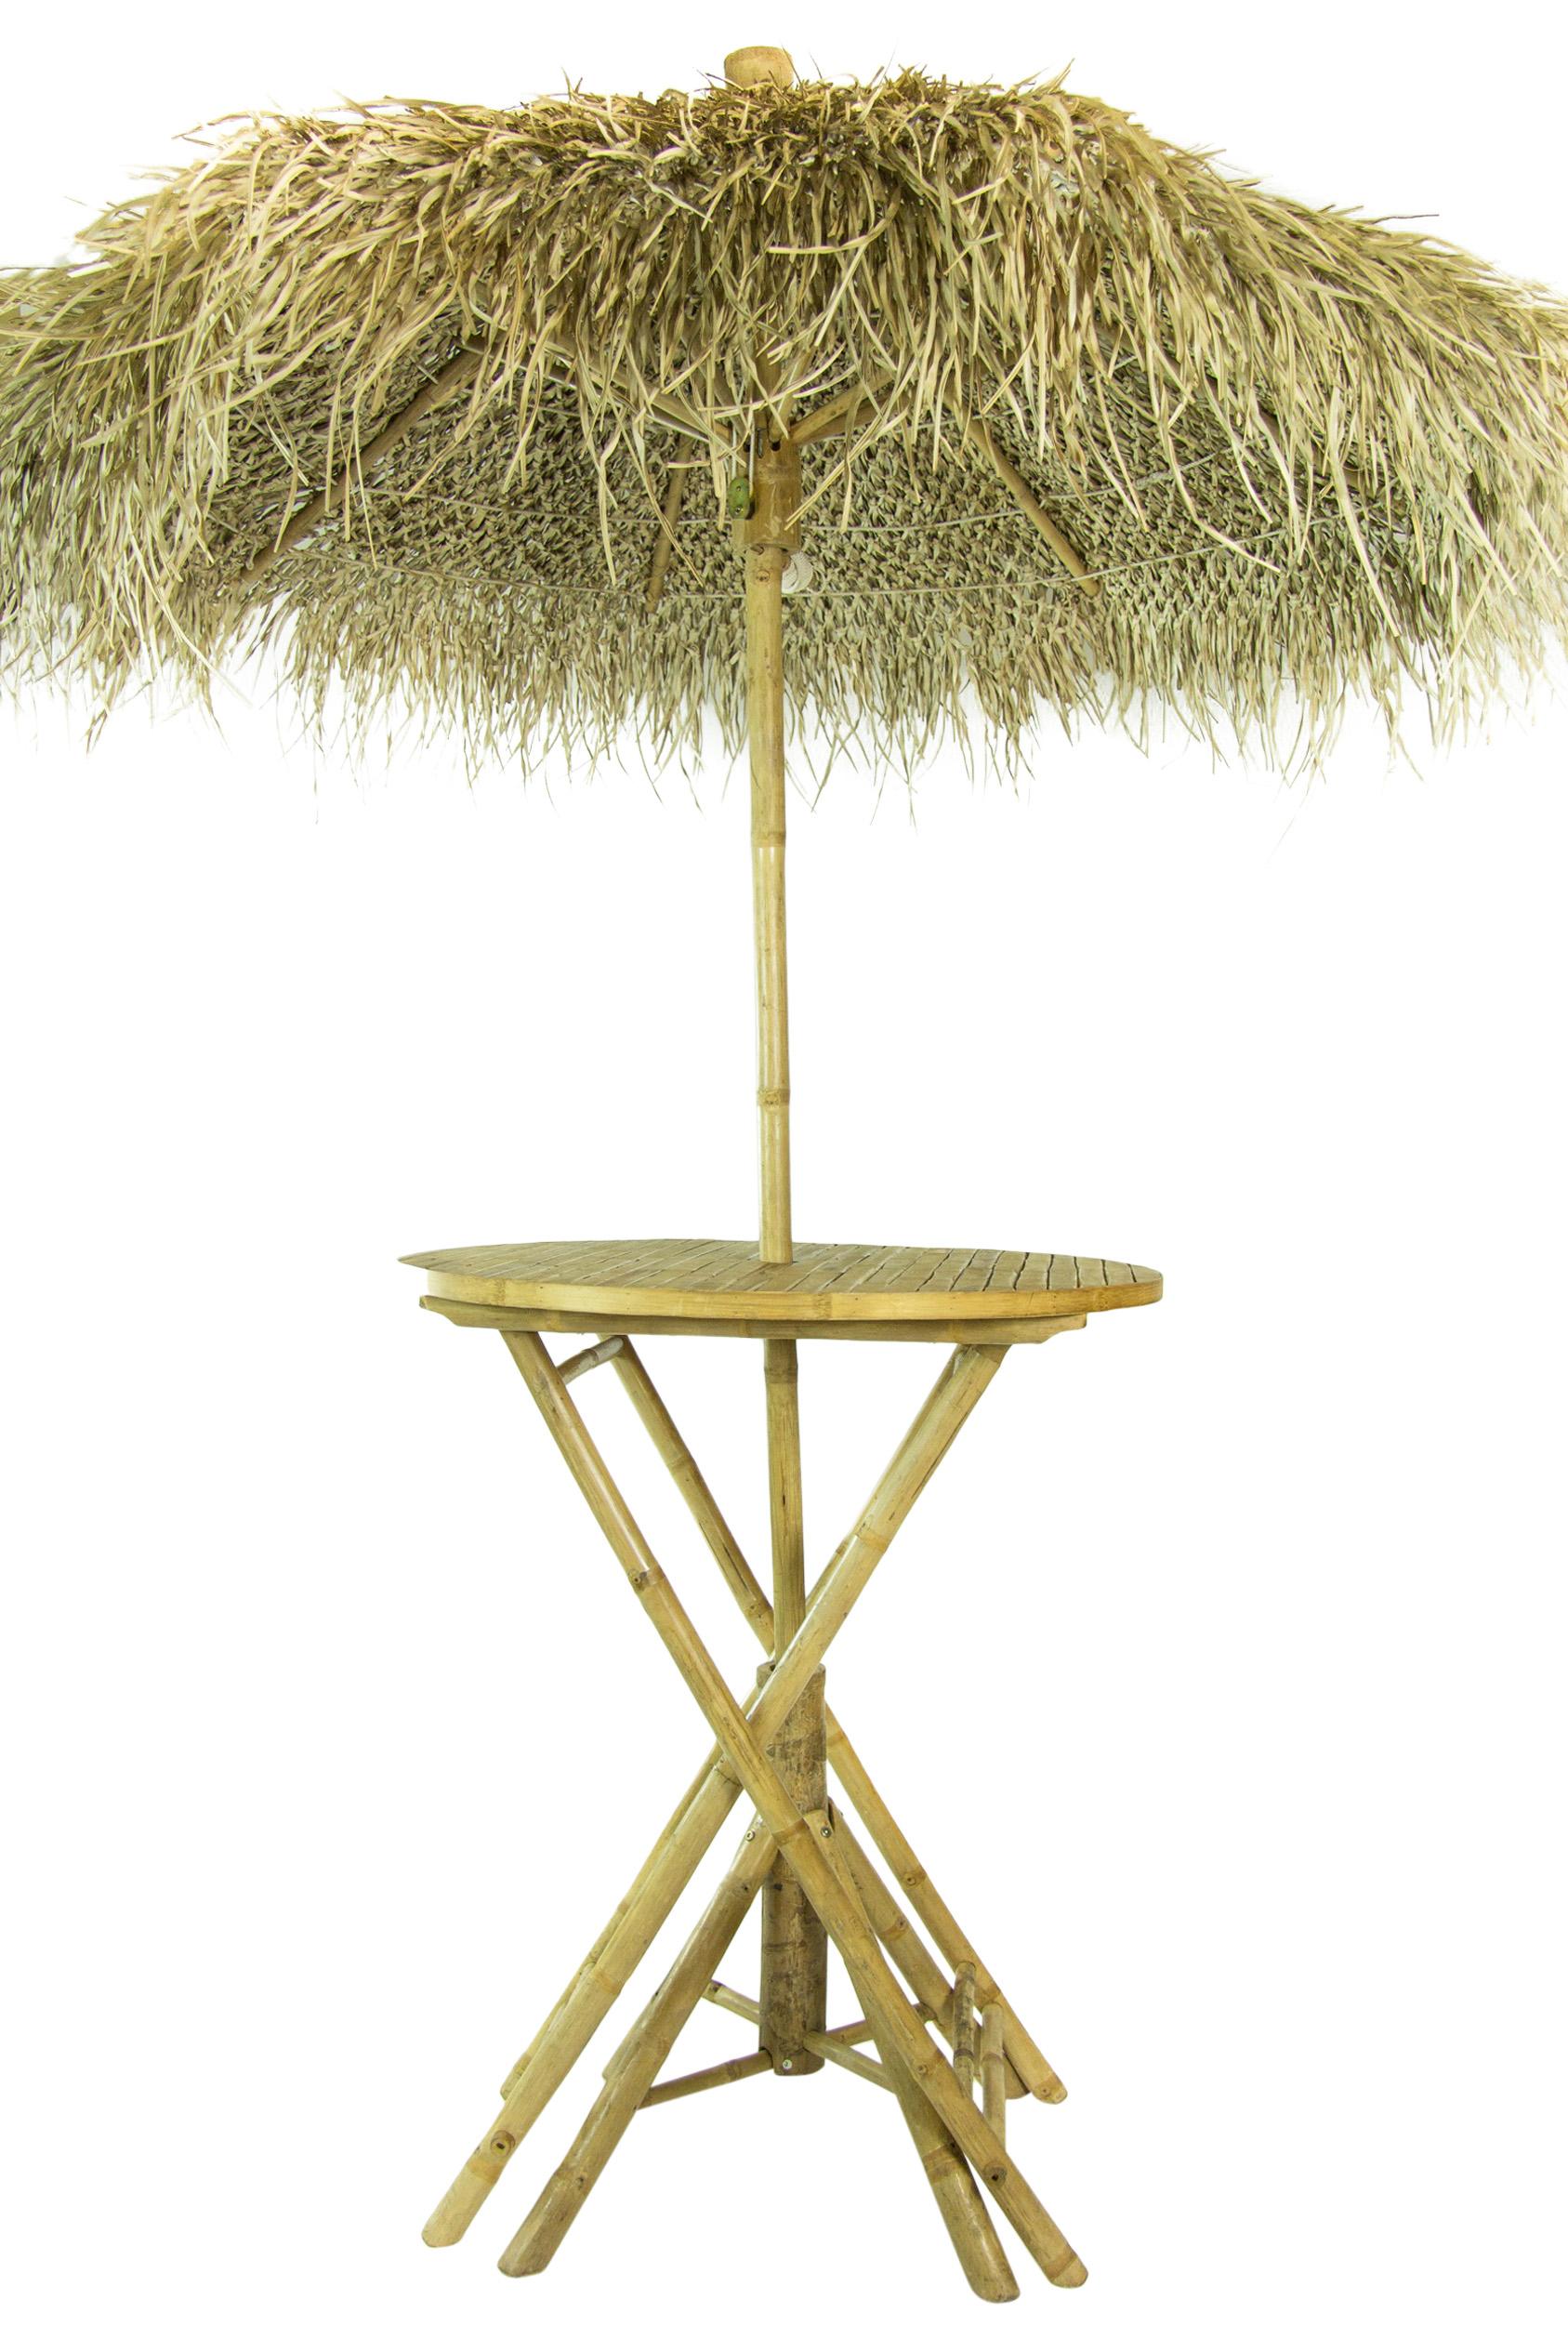 Bamboe Statafel Set met Rieten Parasol